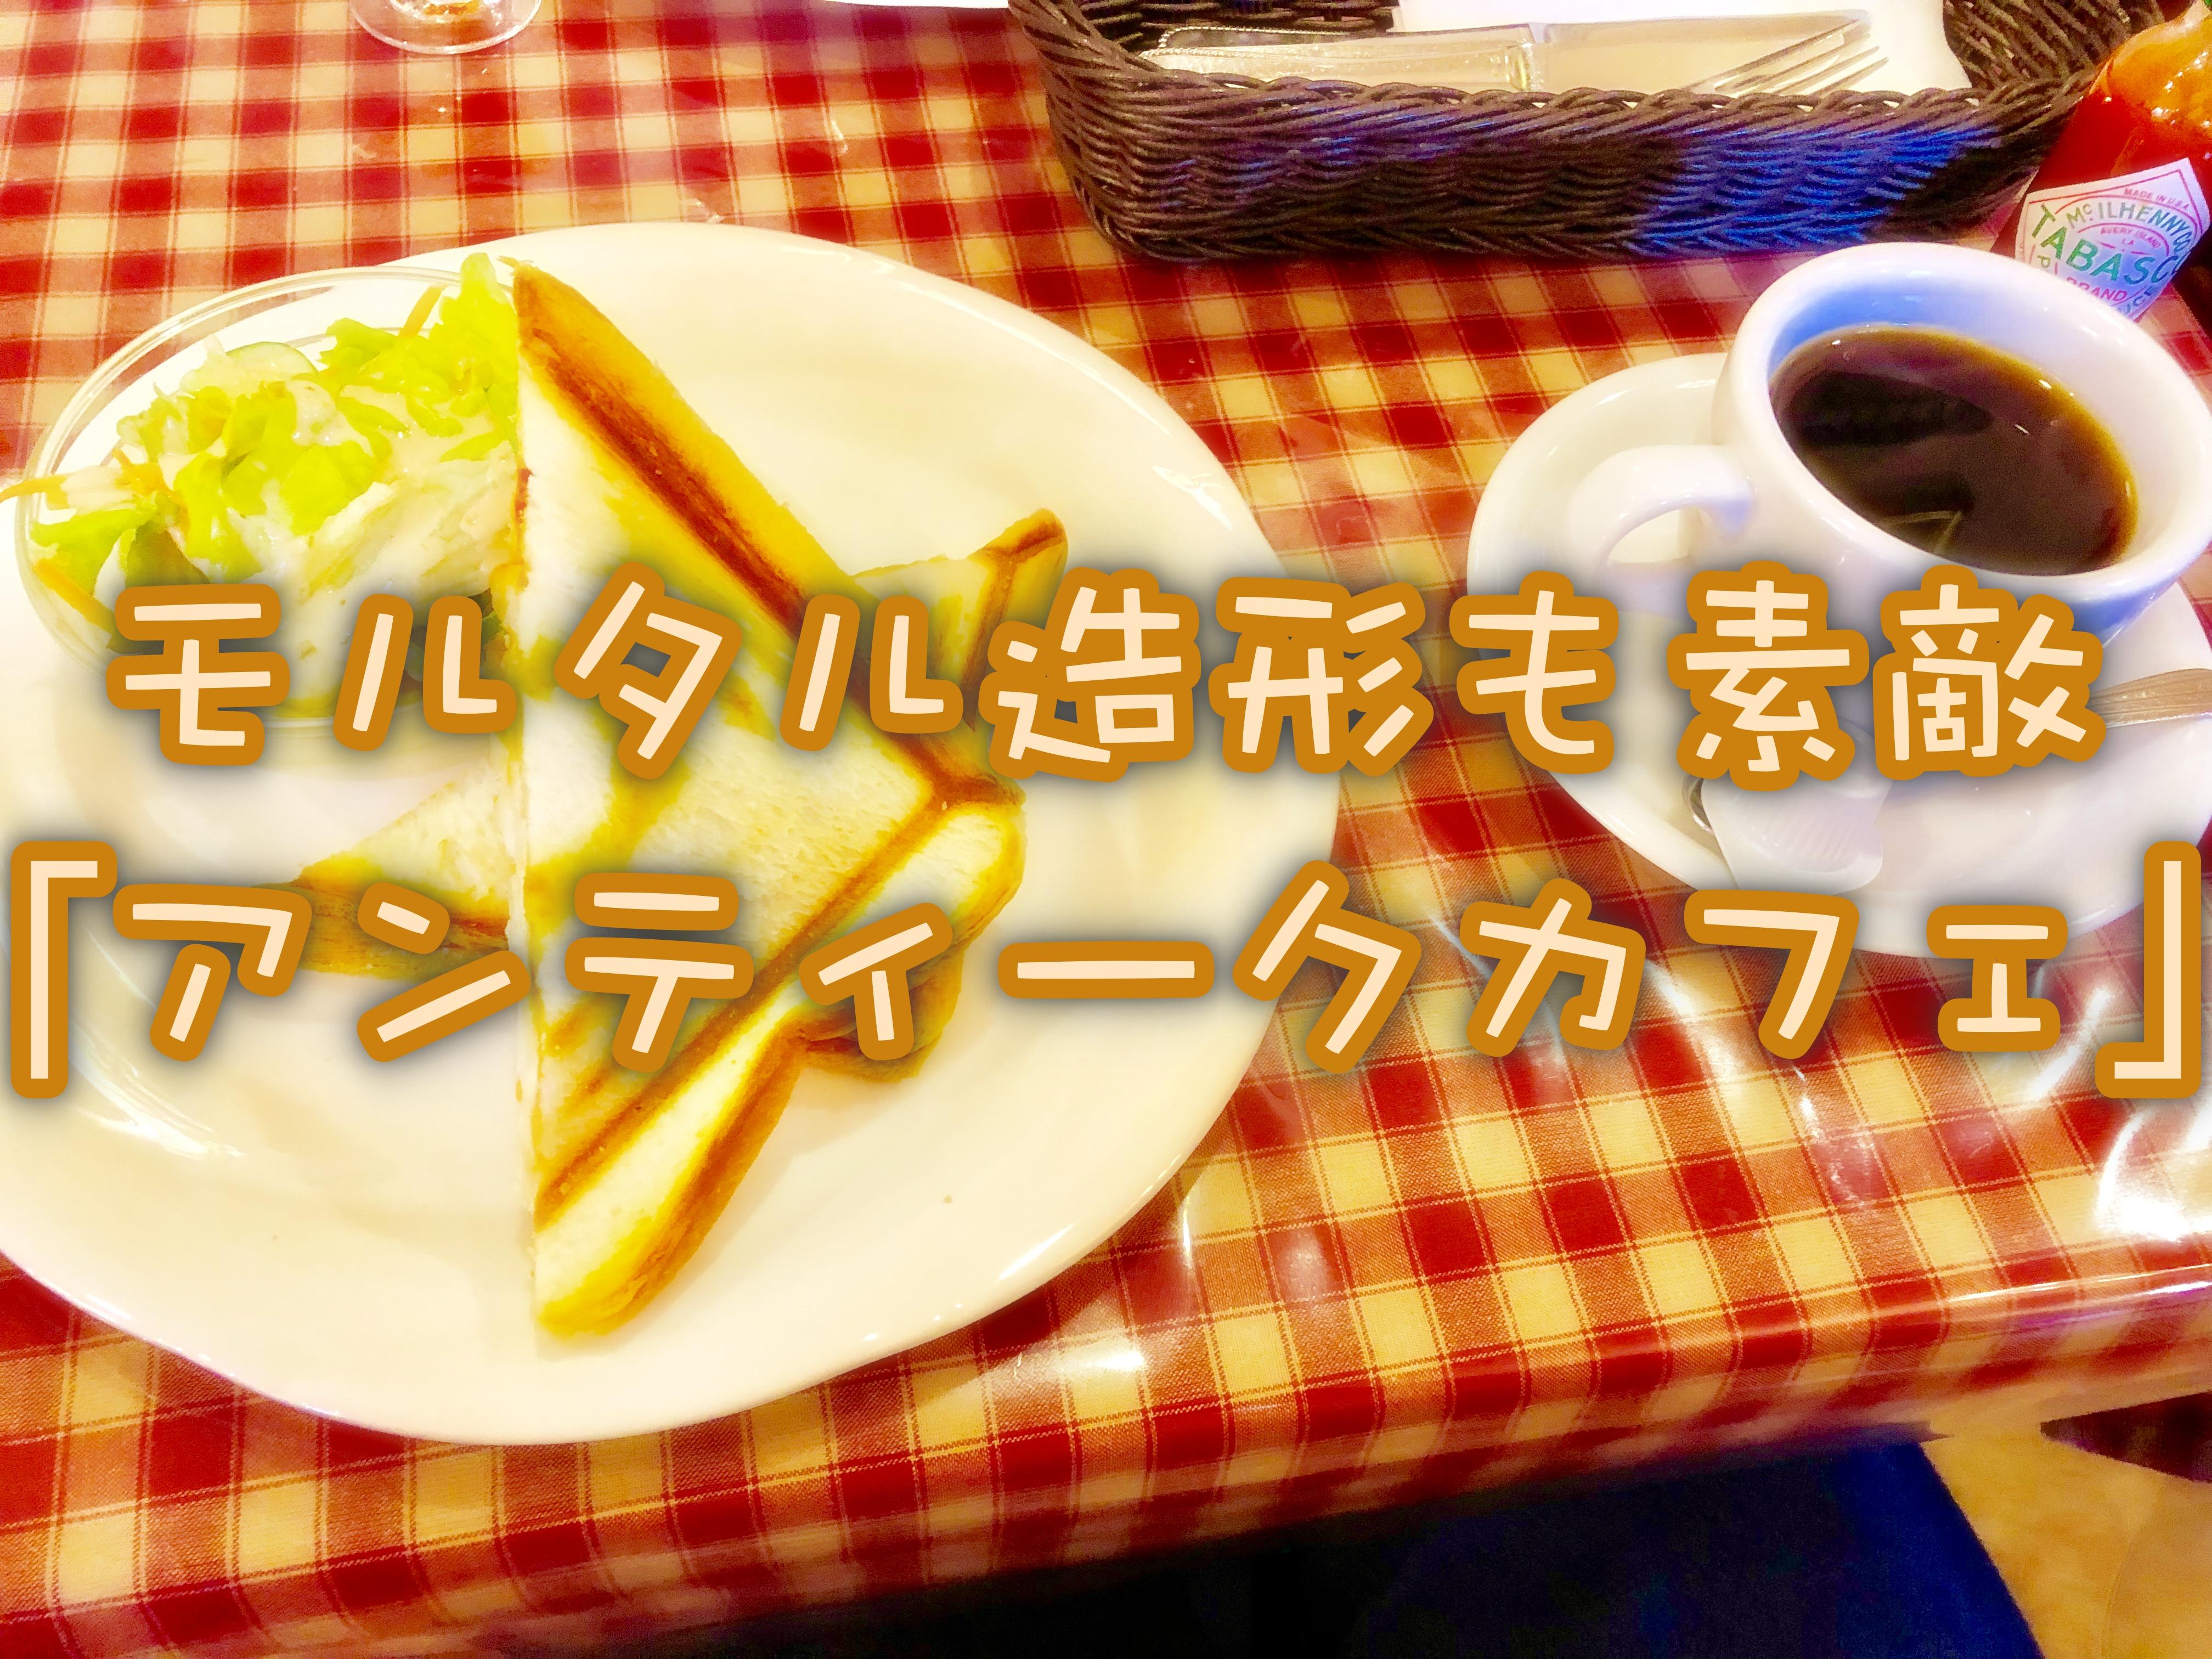 シャレ感MAX!「The Antique Cafe(アンティークカフェ)」店舗情報